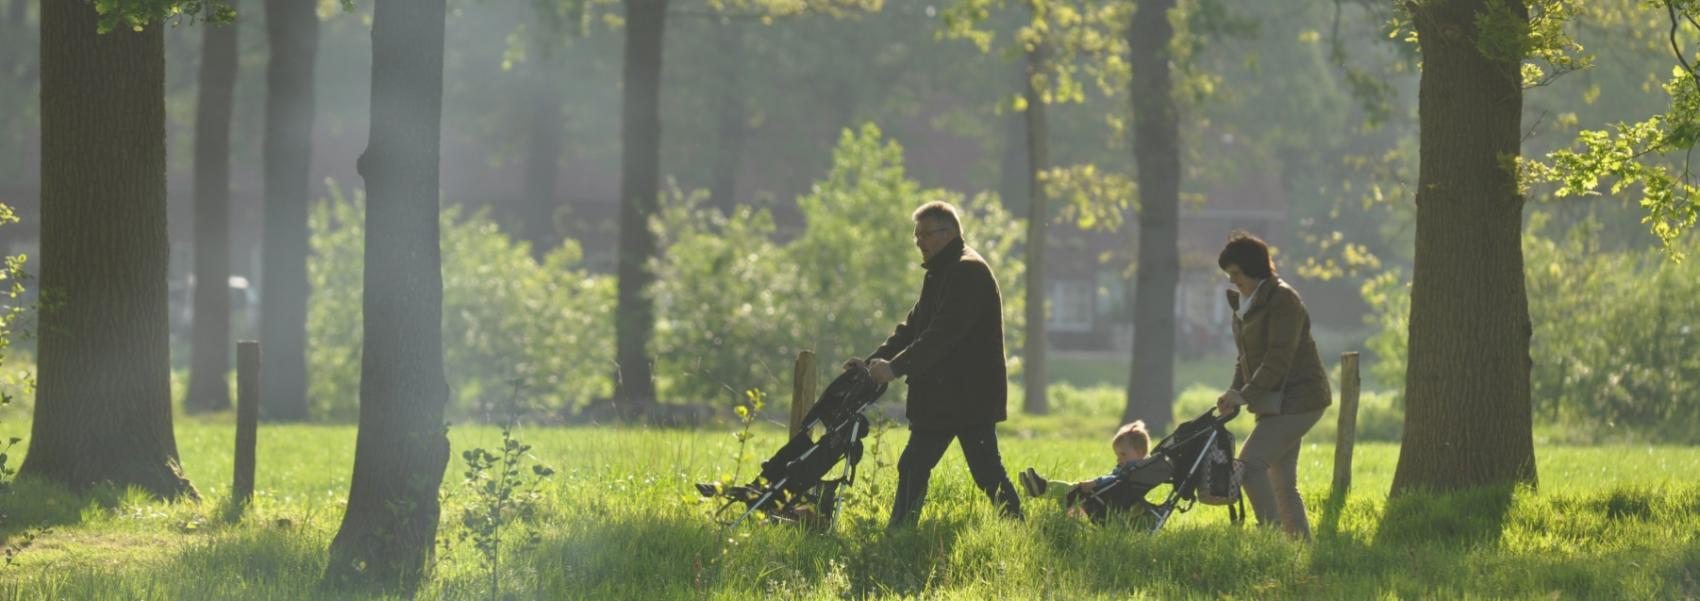 twee wandelaars met kinderwagens